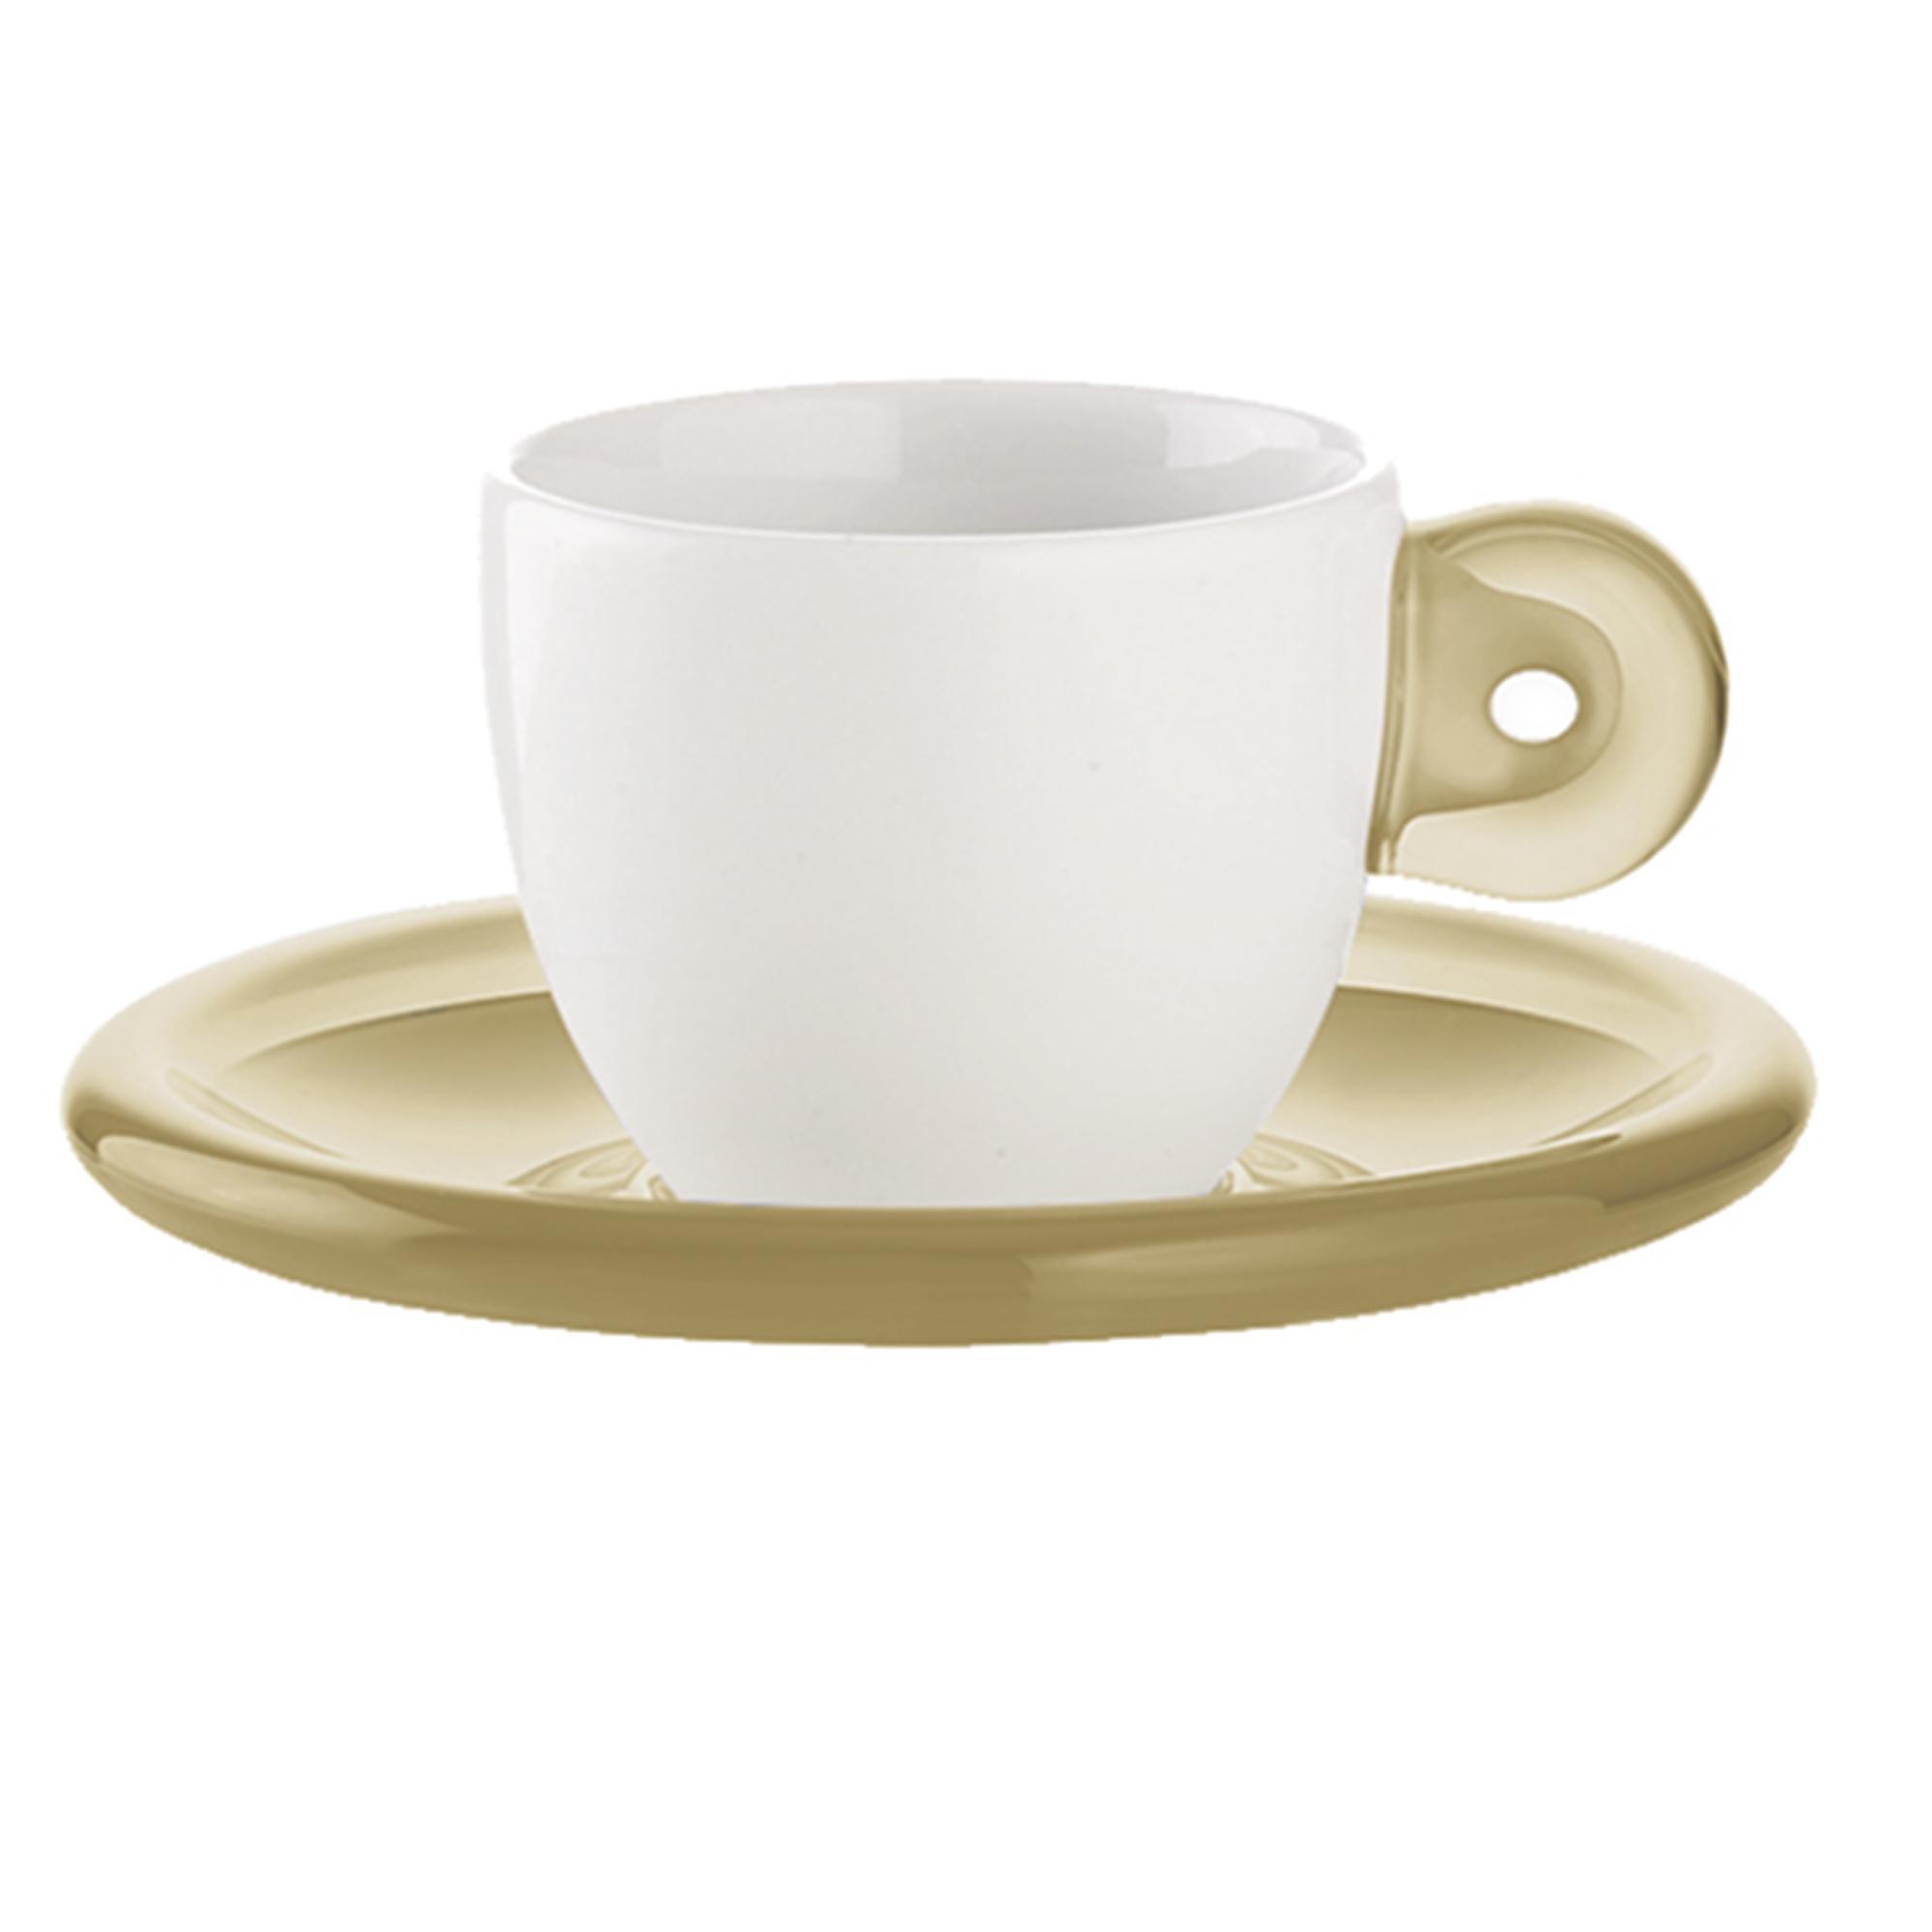 Tazze da Caffe con piatto 37x21xh13